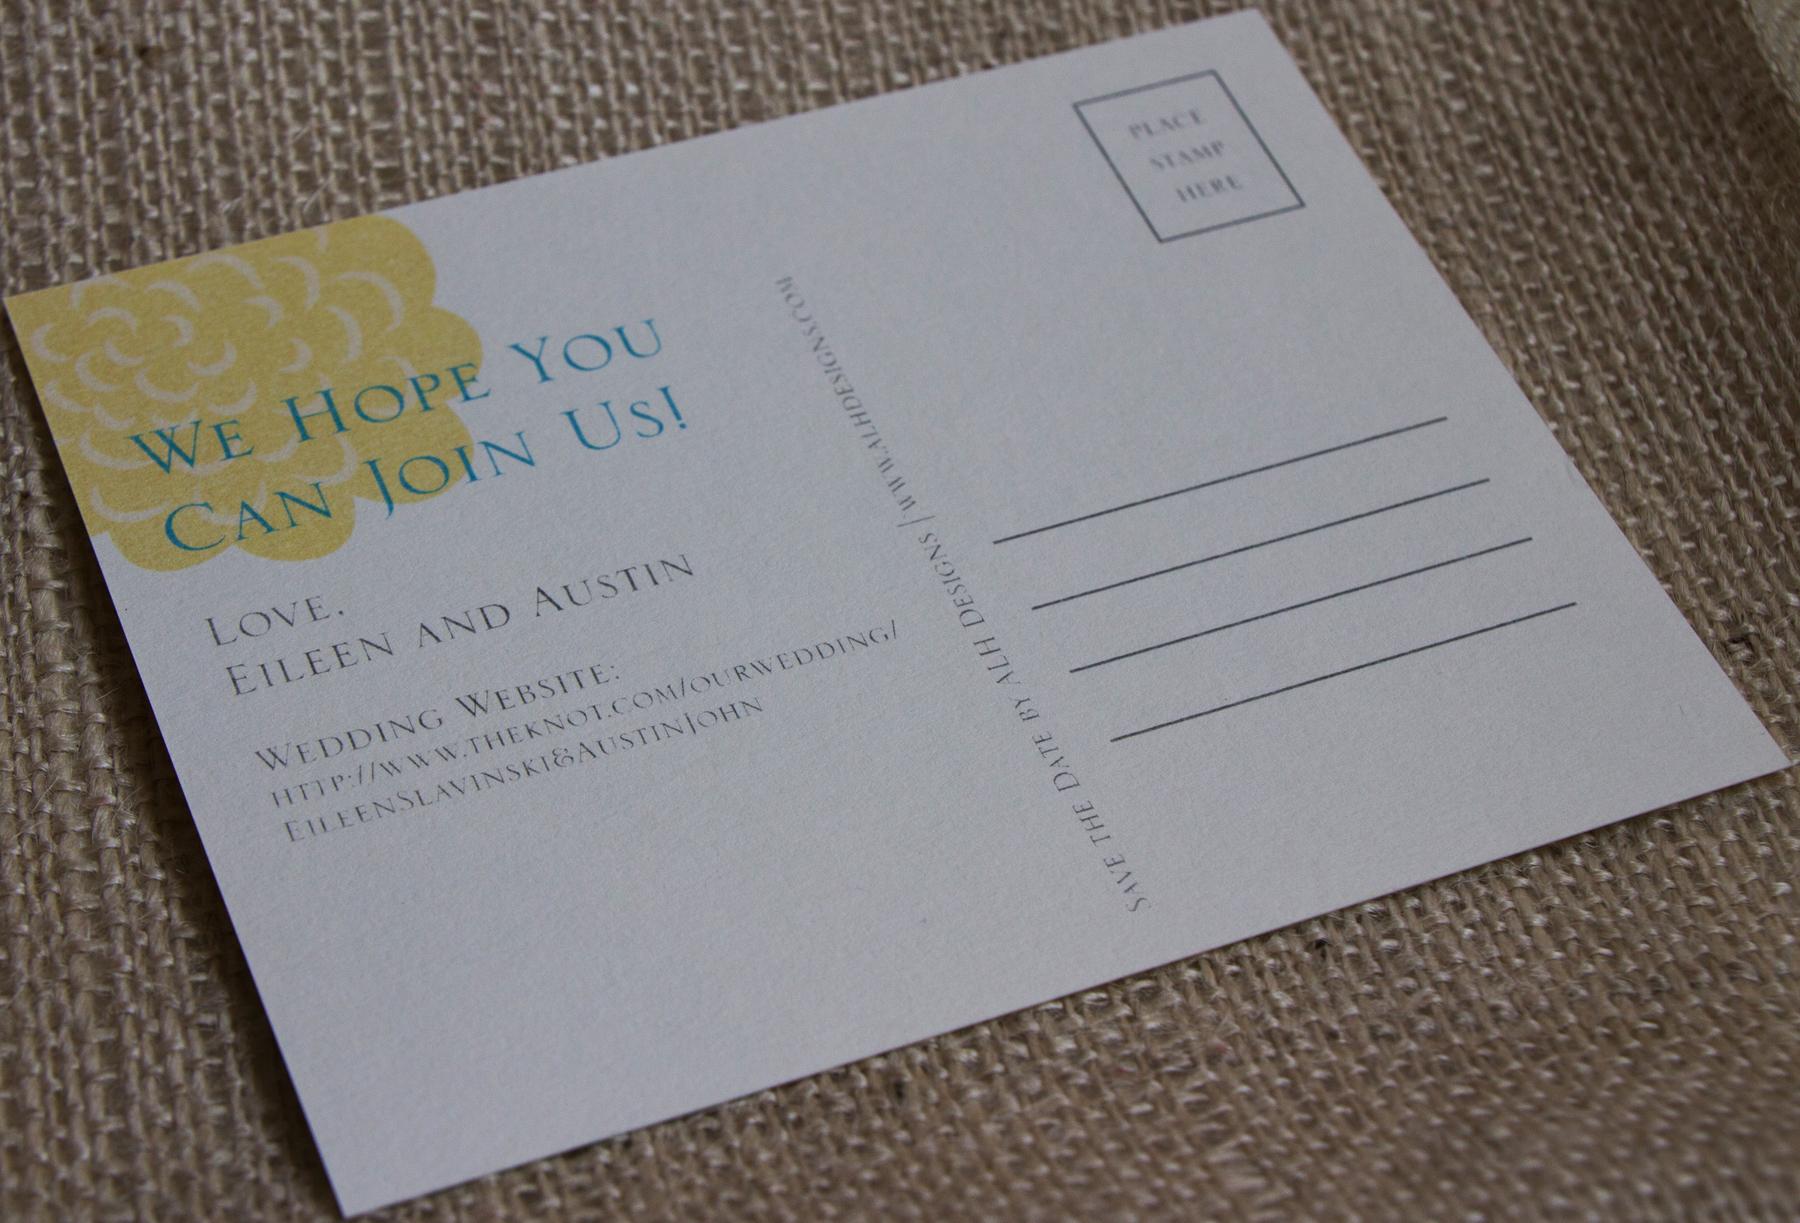 Dating postcard backs